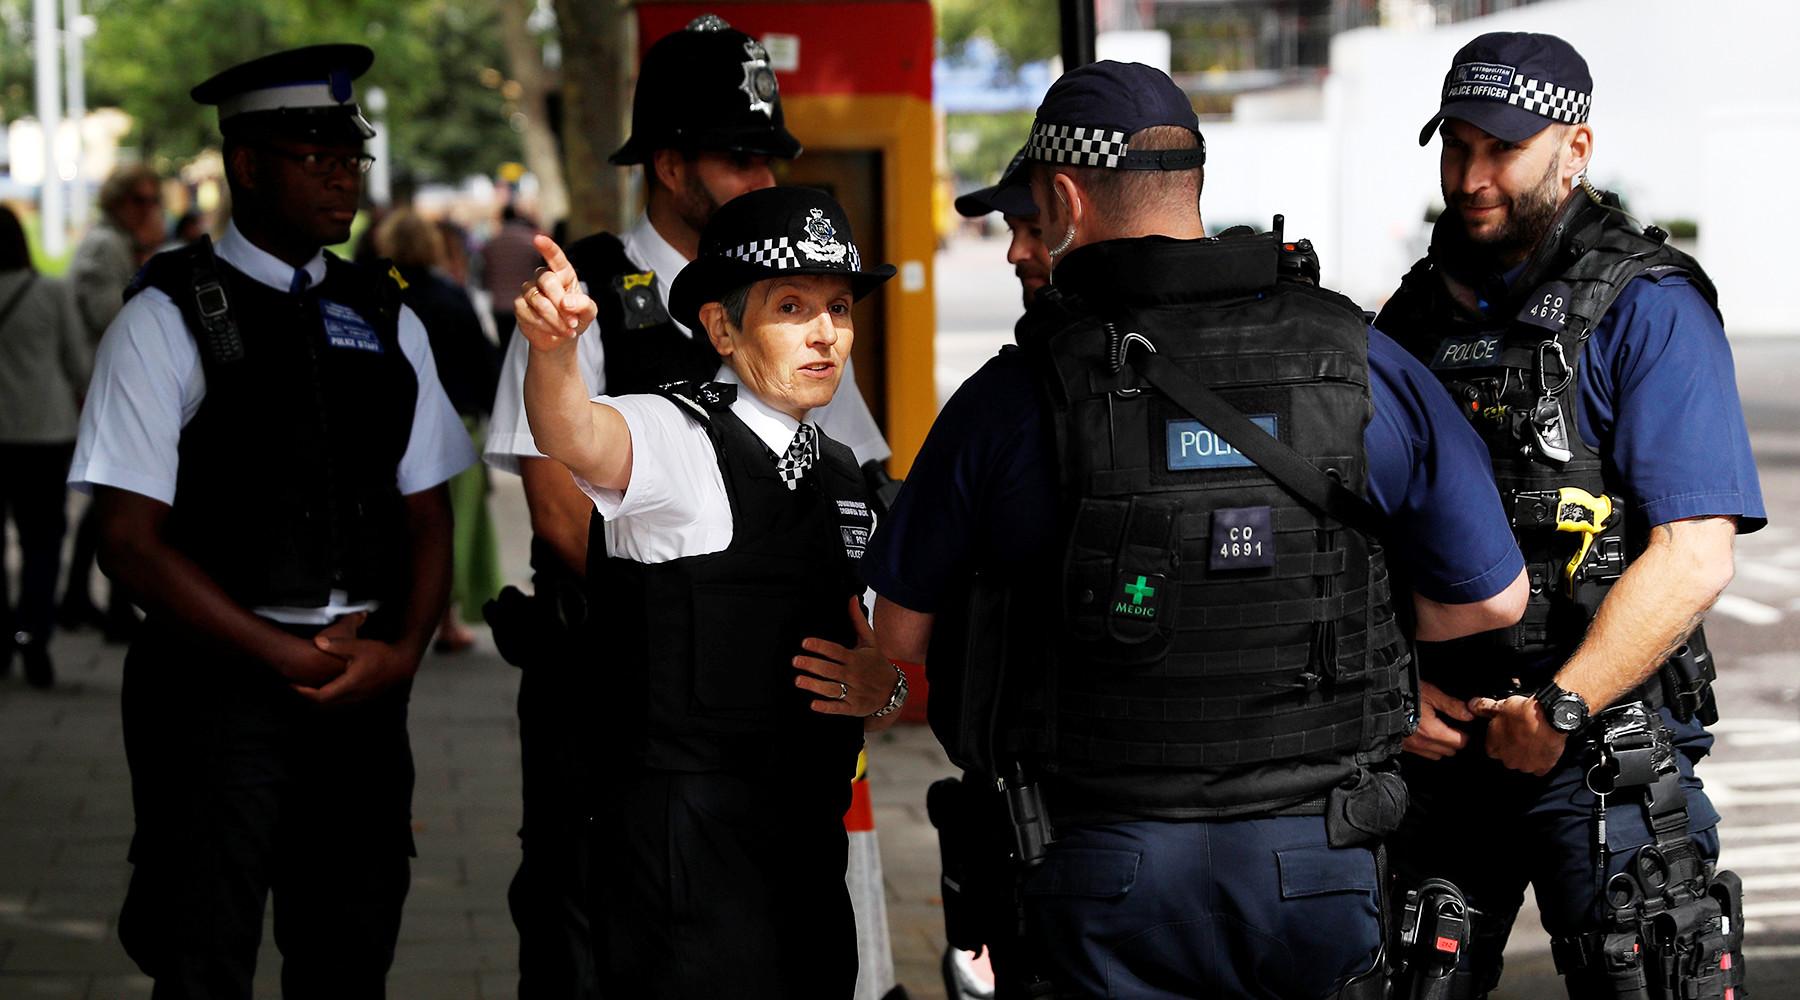 Полиция задержала 18-летнего подозреваемого в организации теракта в Лондоне